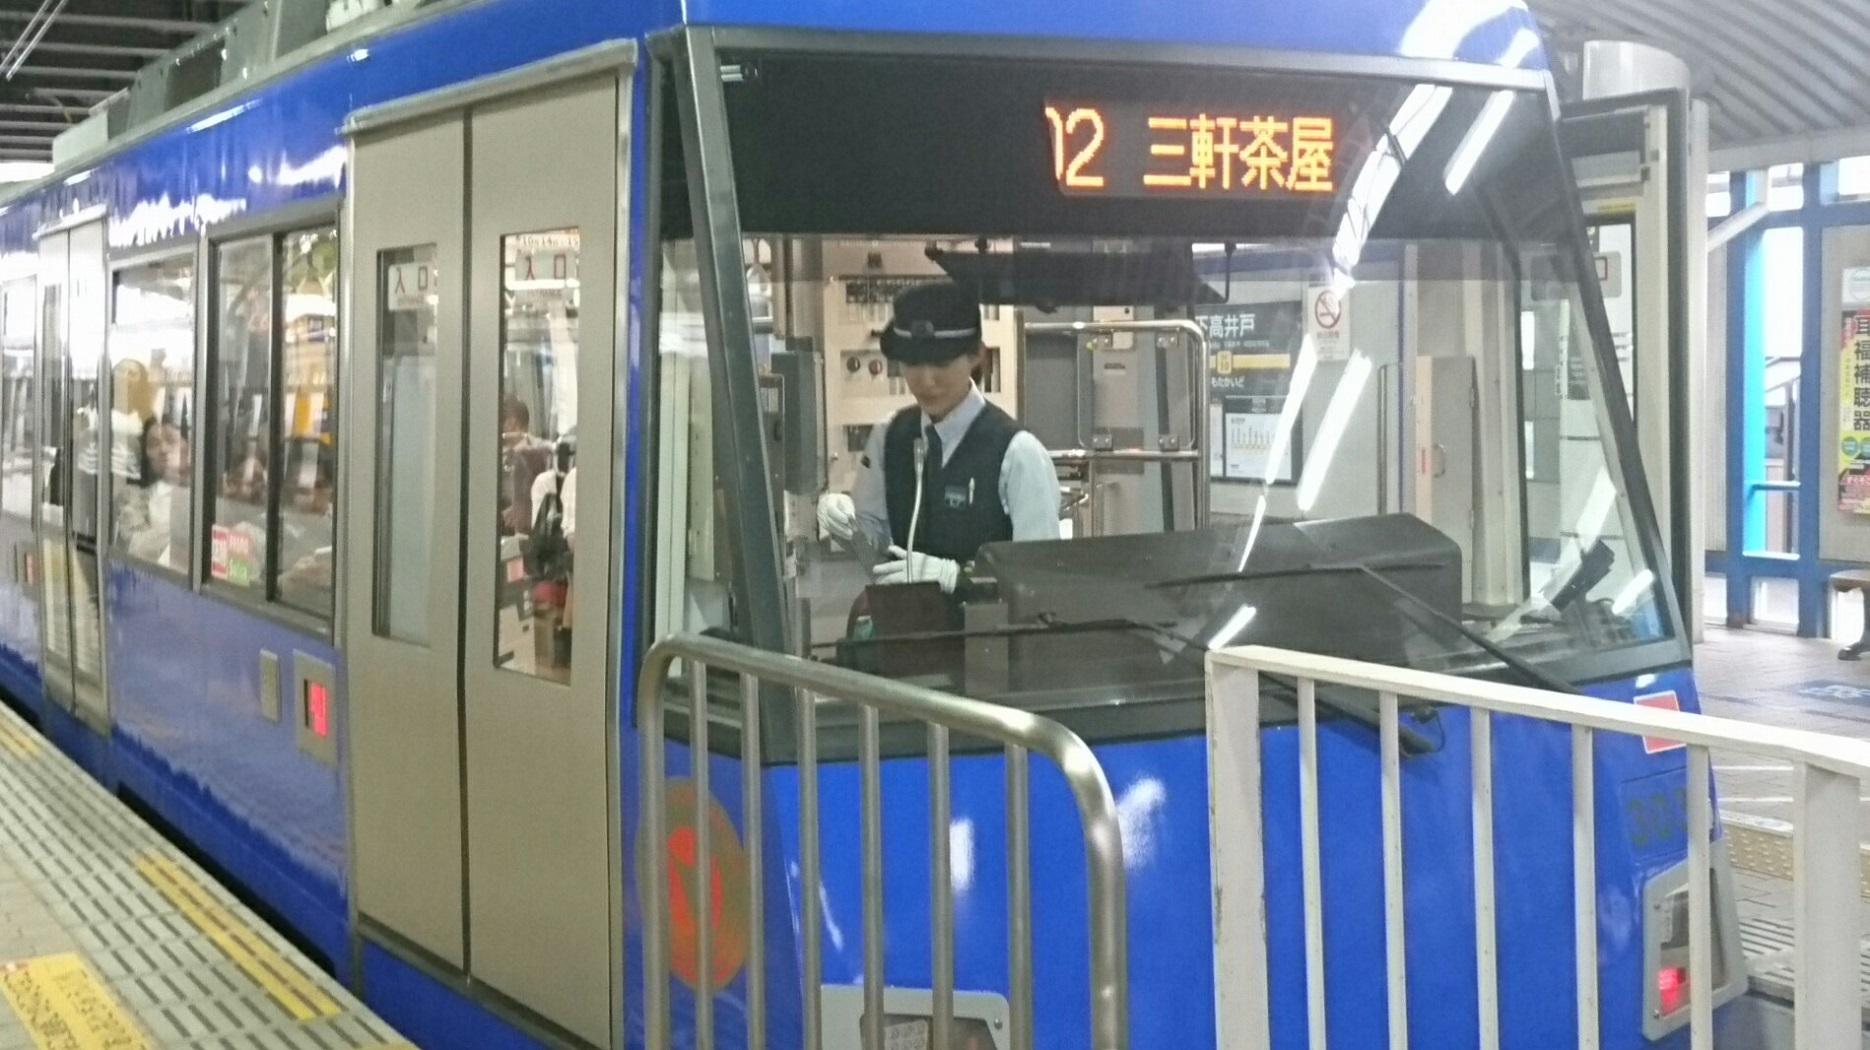 2017.10.12 東京 (138) 下高井戸 - 三軒茶屋いきふつう 1870-1050